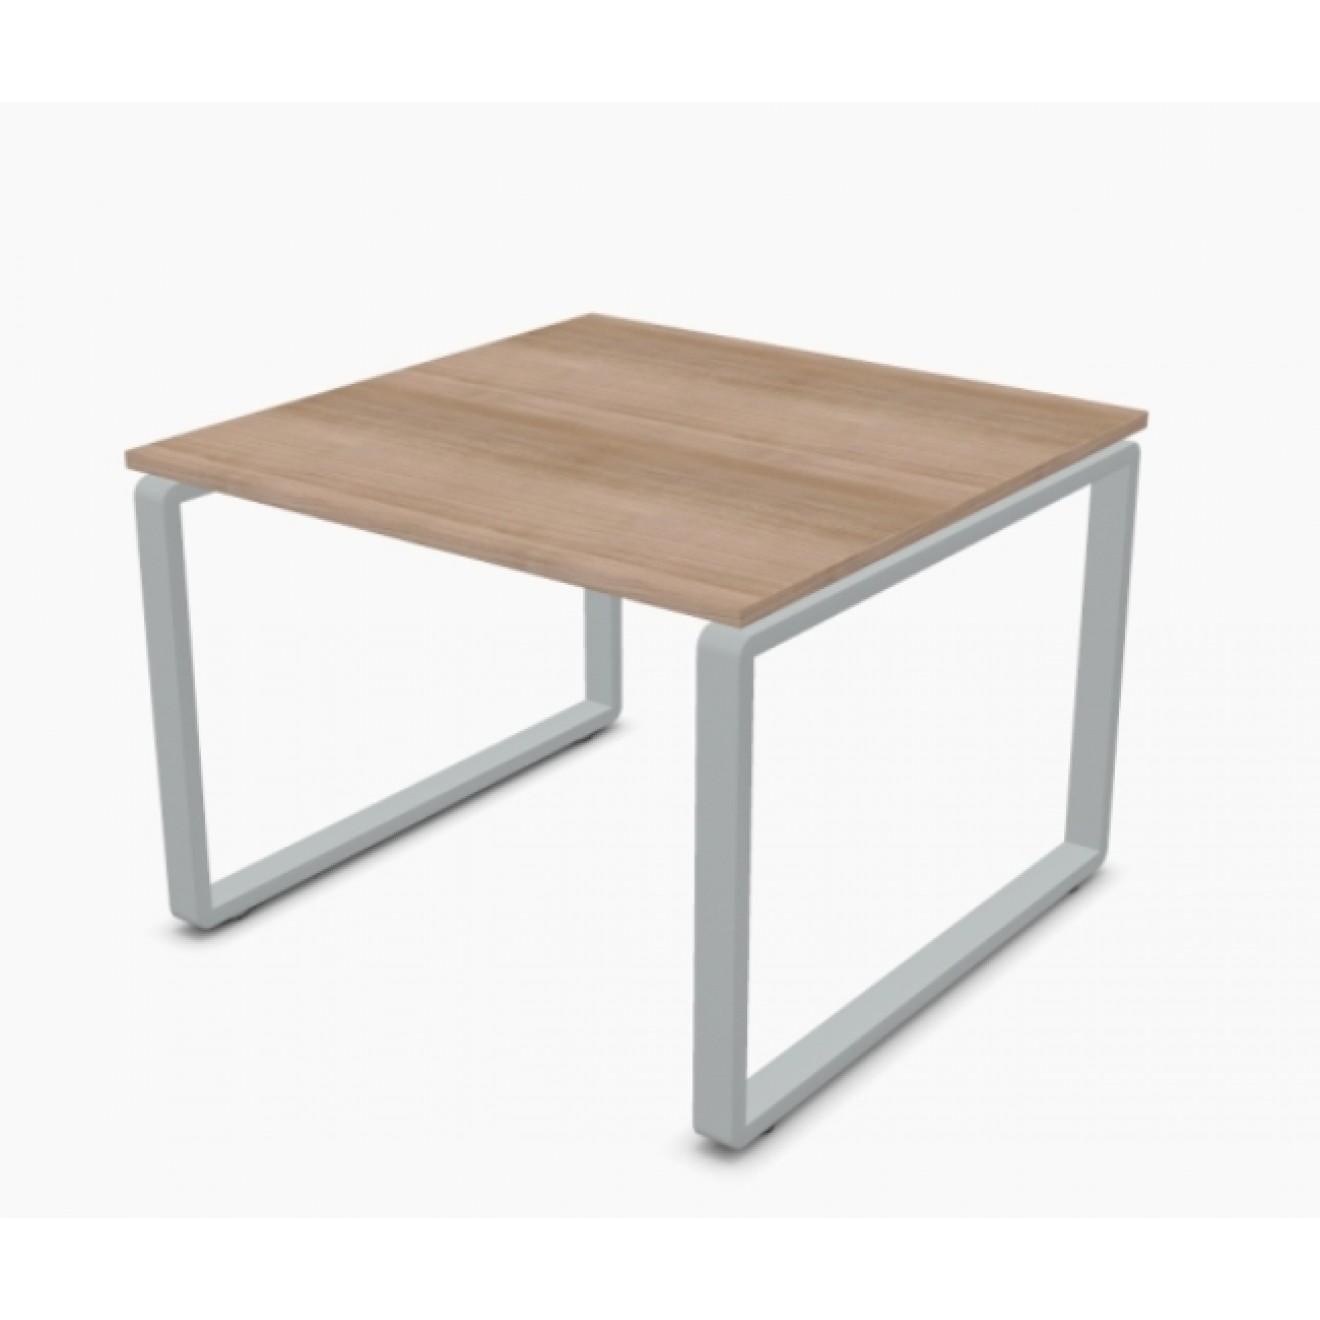 schreibtisch palmberg pensum wange 100 x 100 cm. Black Bedroom Furniture Sets. Home Design Ideas